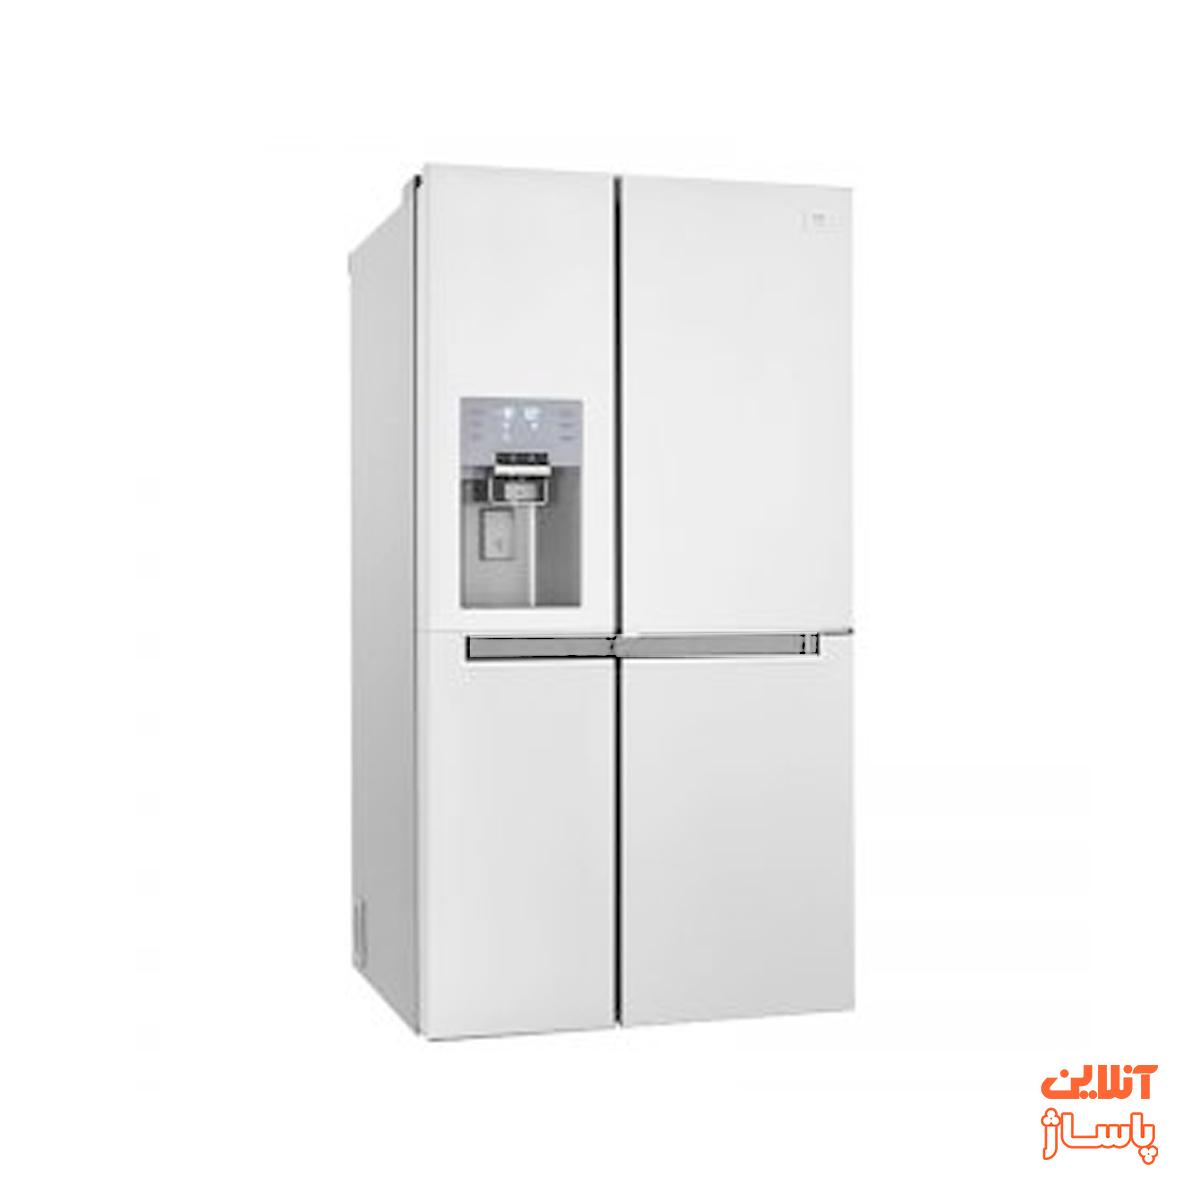 یخچال و فریزر ساید بای ساید دوو سری پرایم مدل D4S-0033MW دو درب